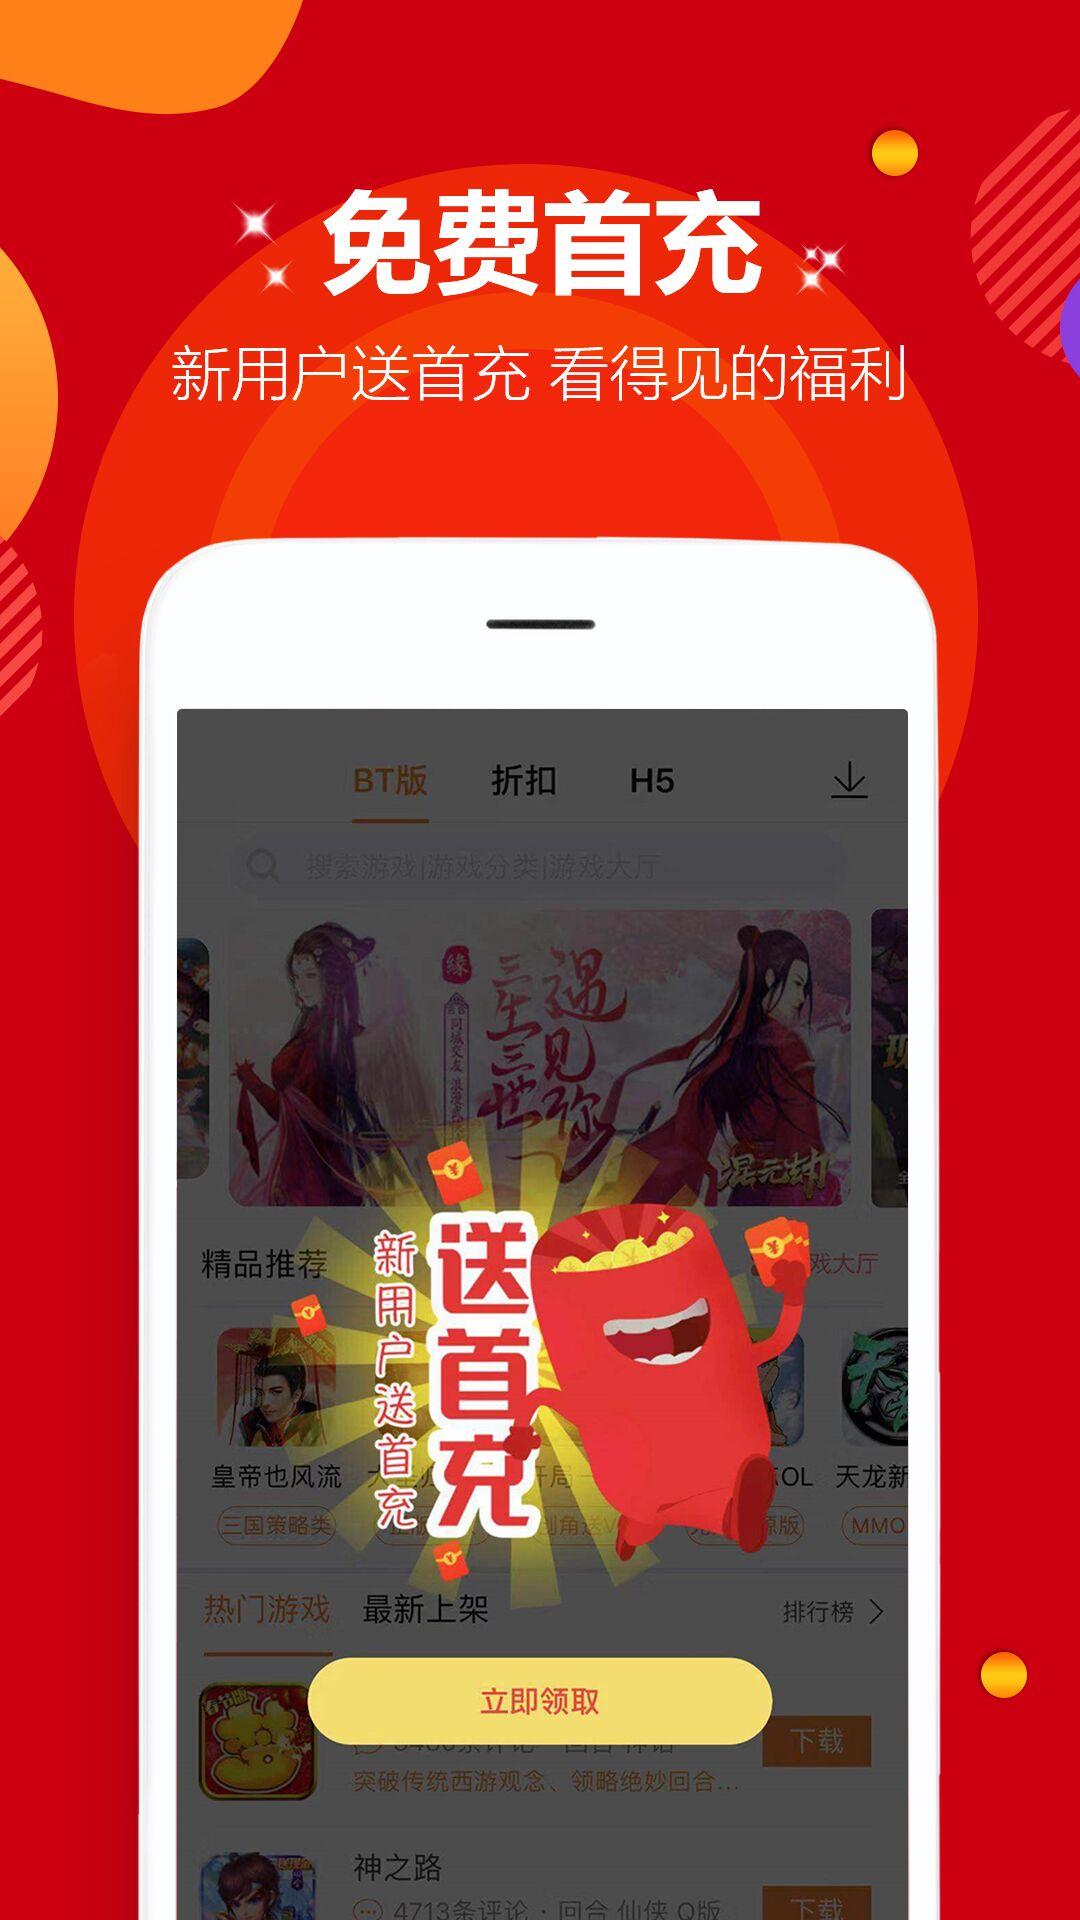 9917玩手游公益服平台V2.1.1 安卓版